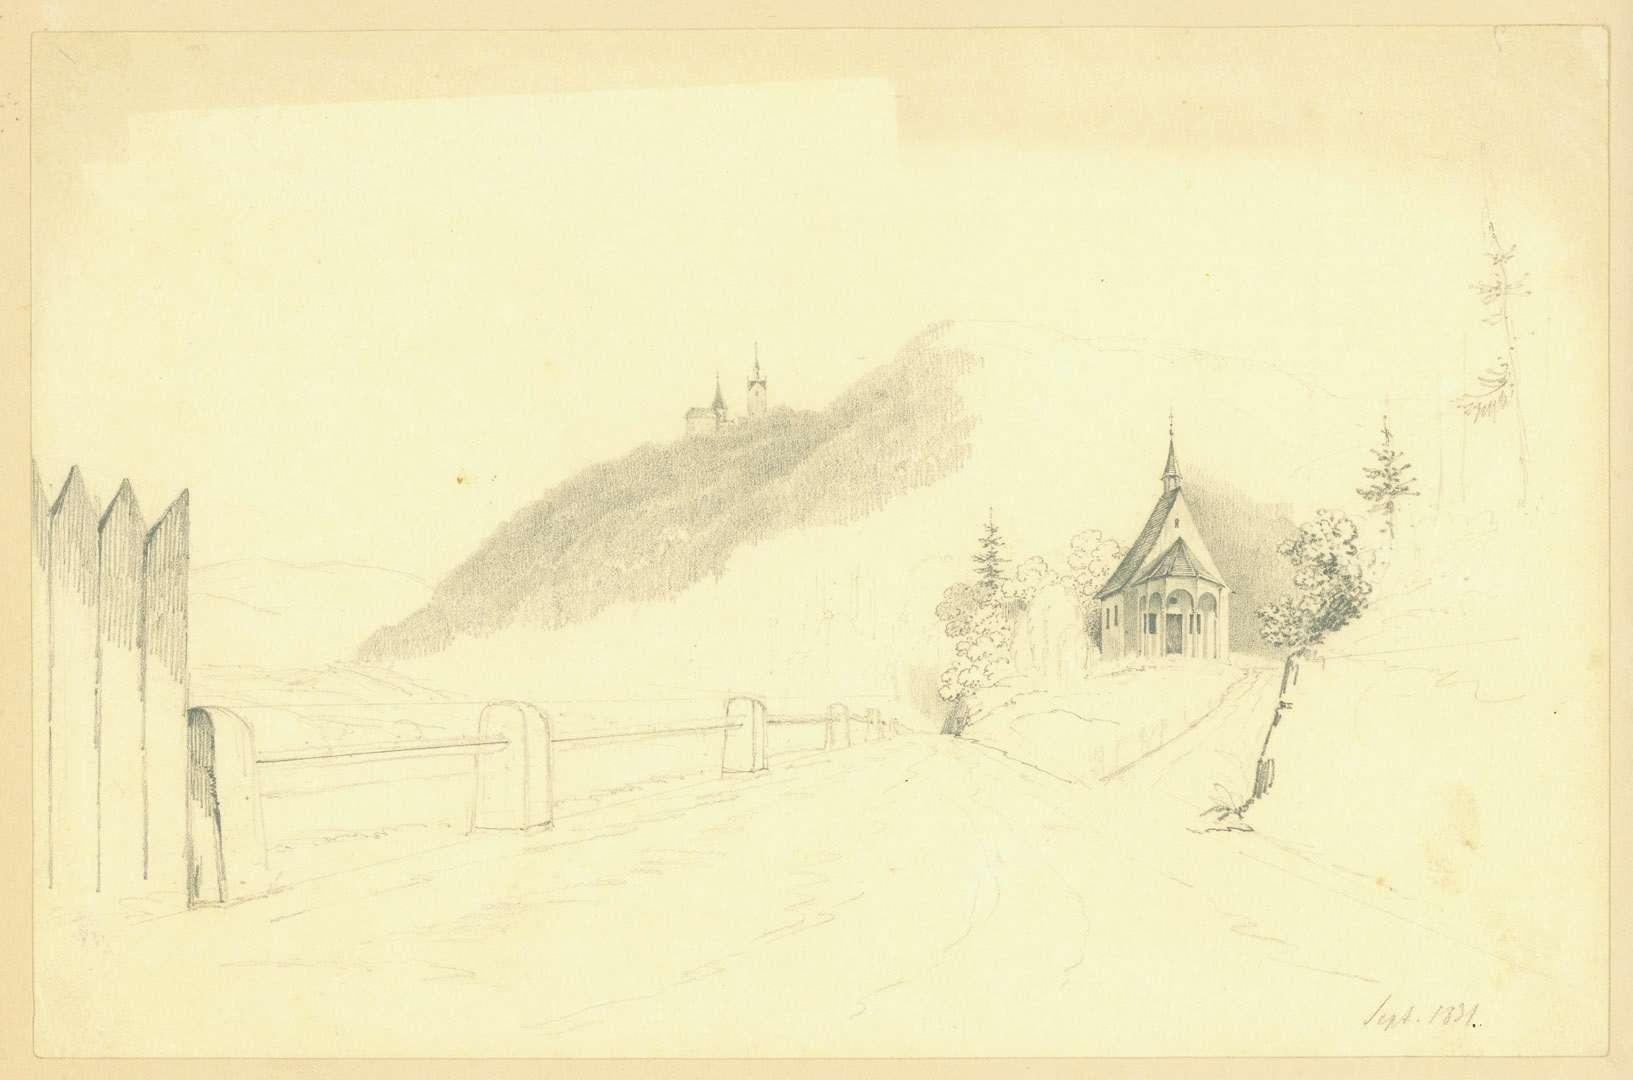 [Schloss Eberstein, im Vordergrund eine Kapelle], Bild 1